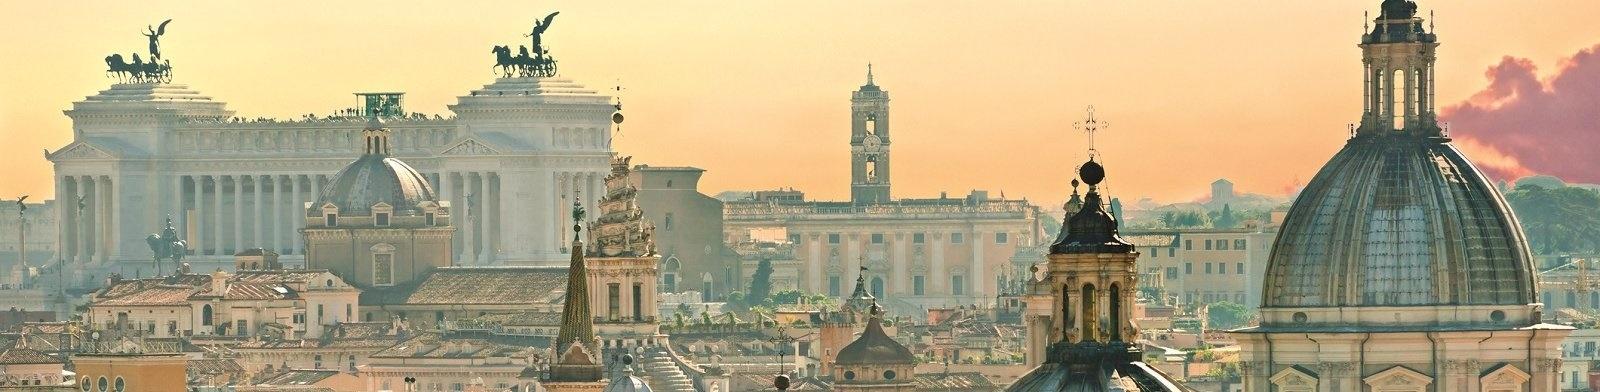 rome, Italy holidays